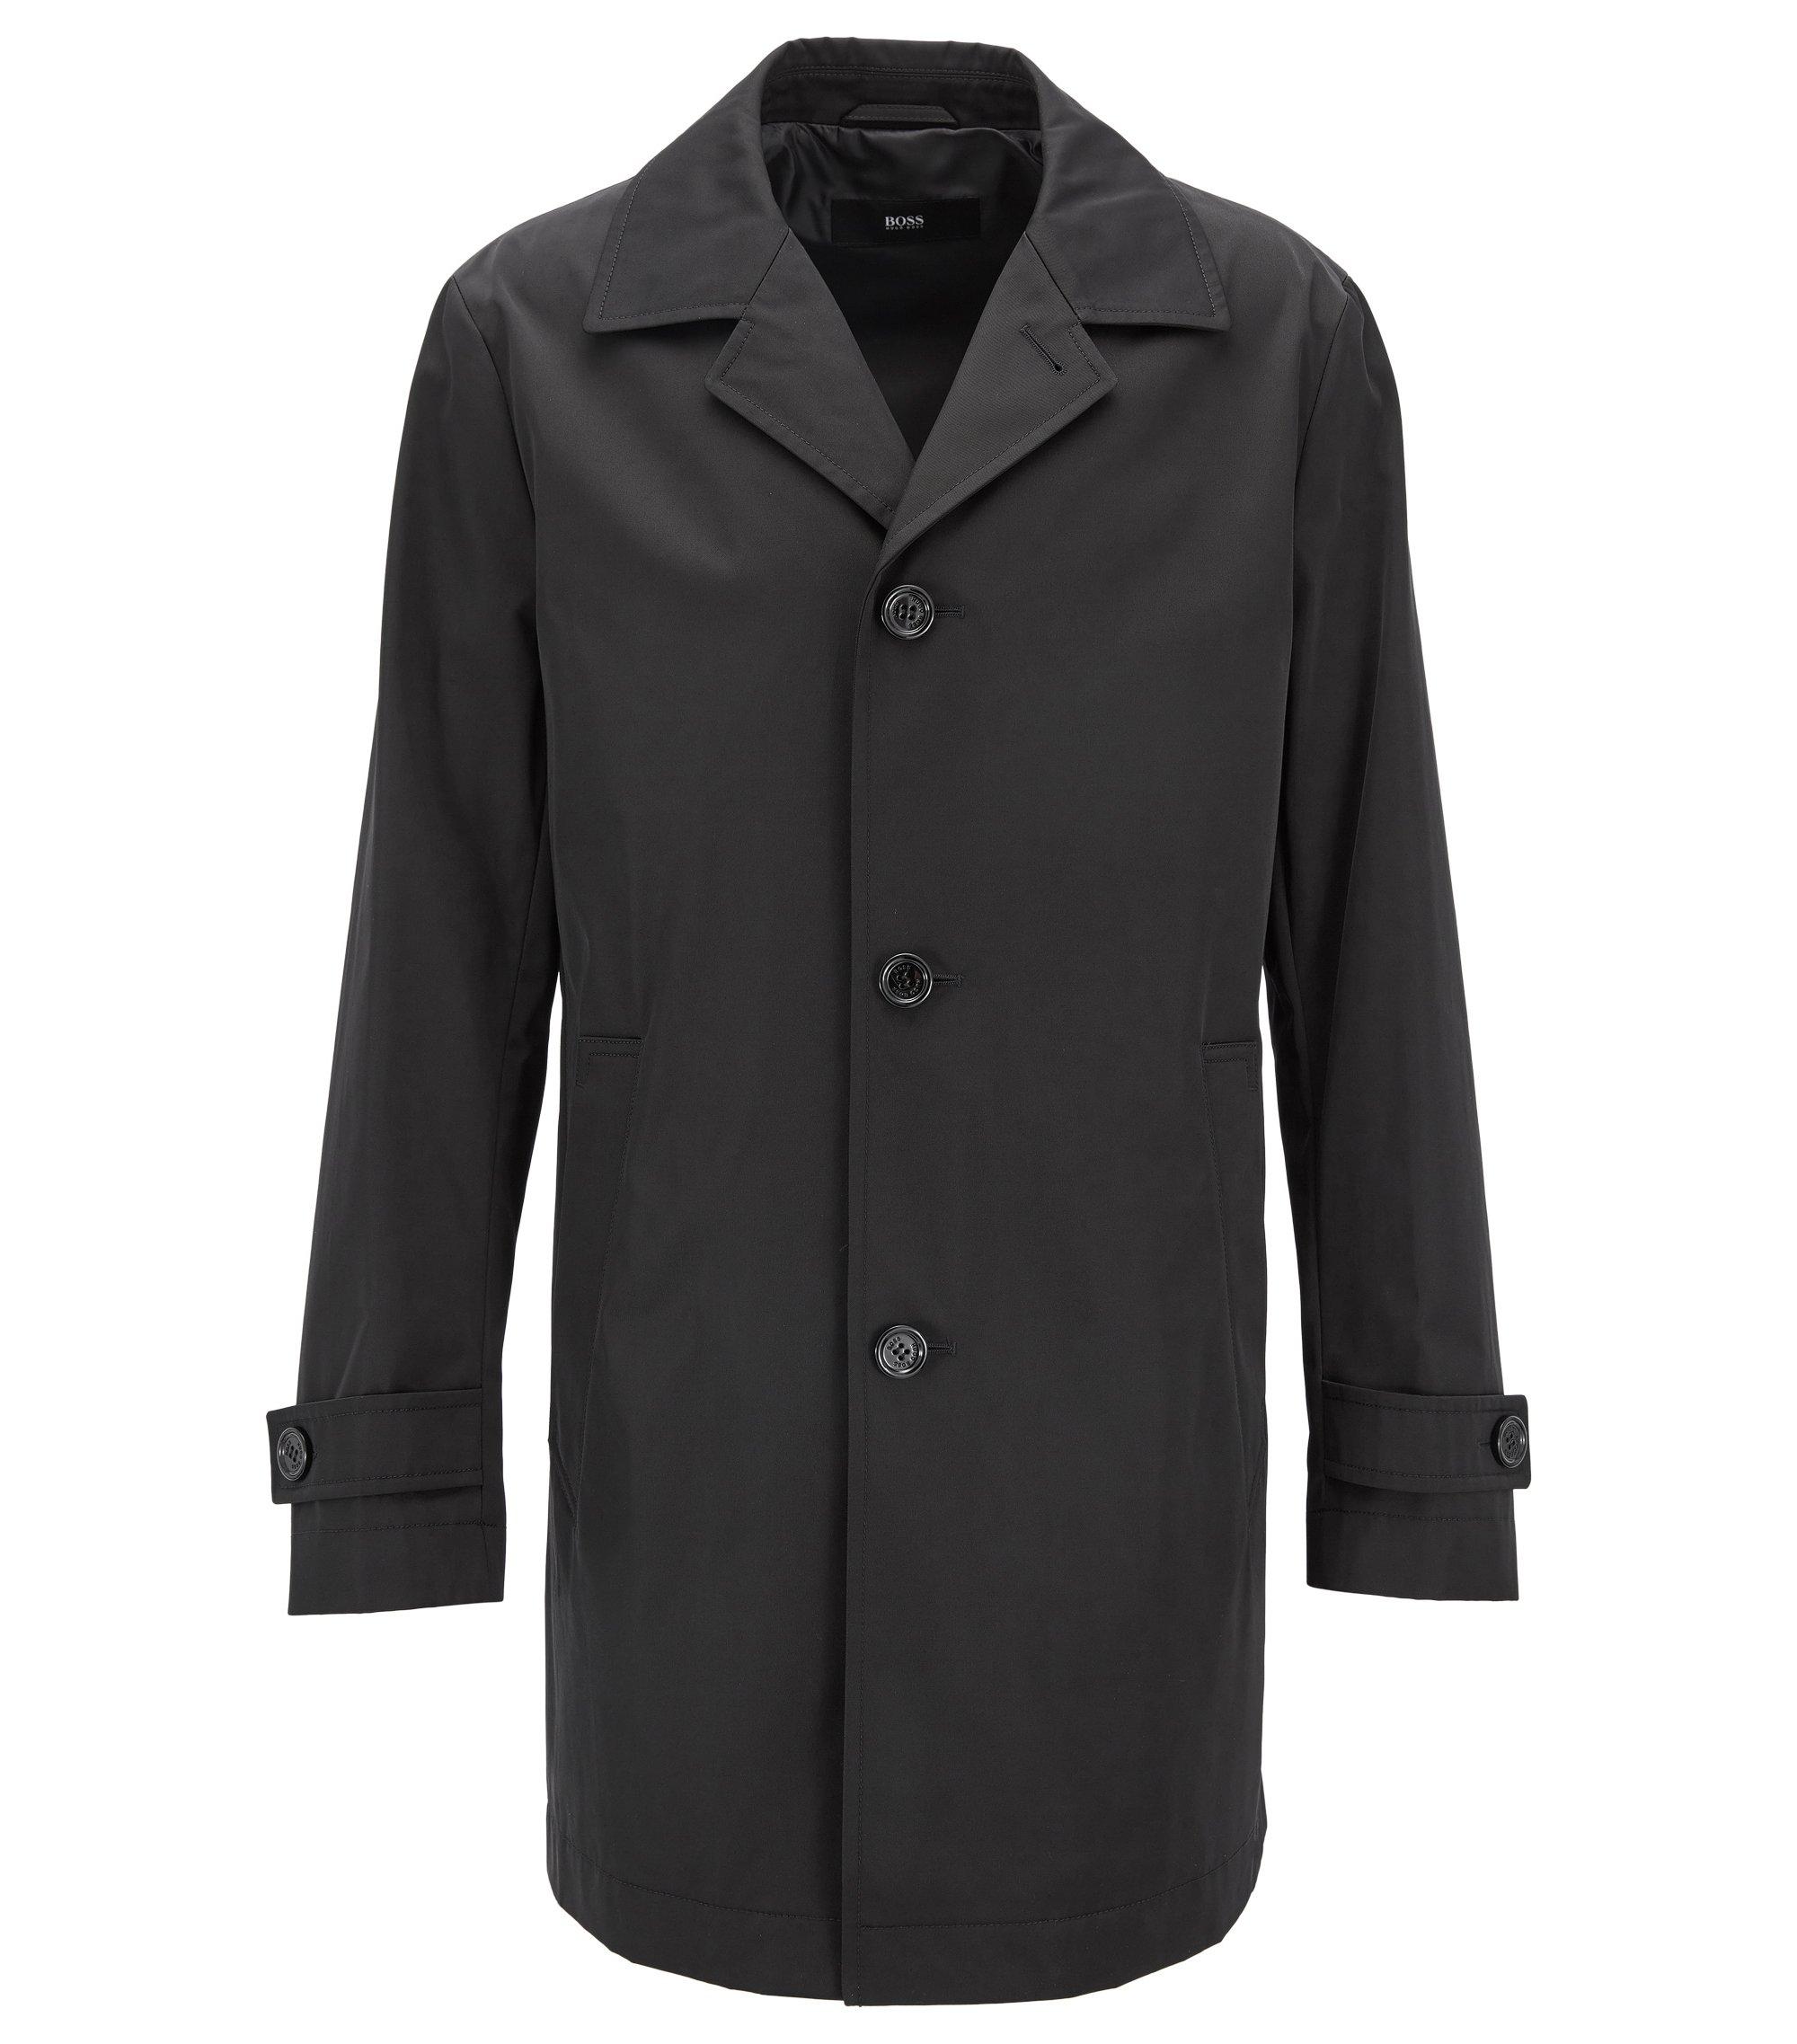 Mantel aus wasserabweisendem Twill, Schwarz